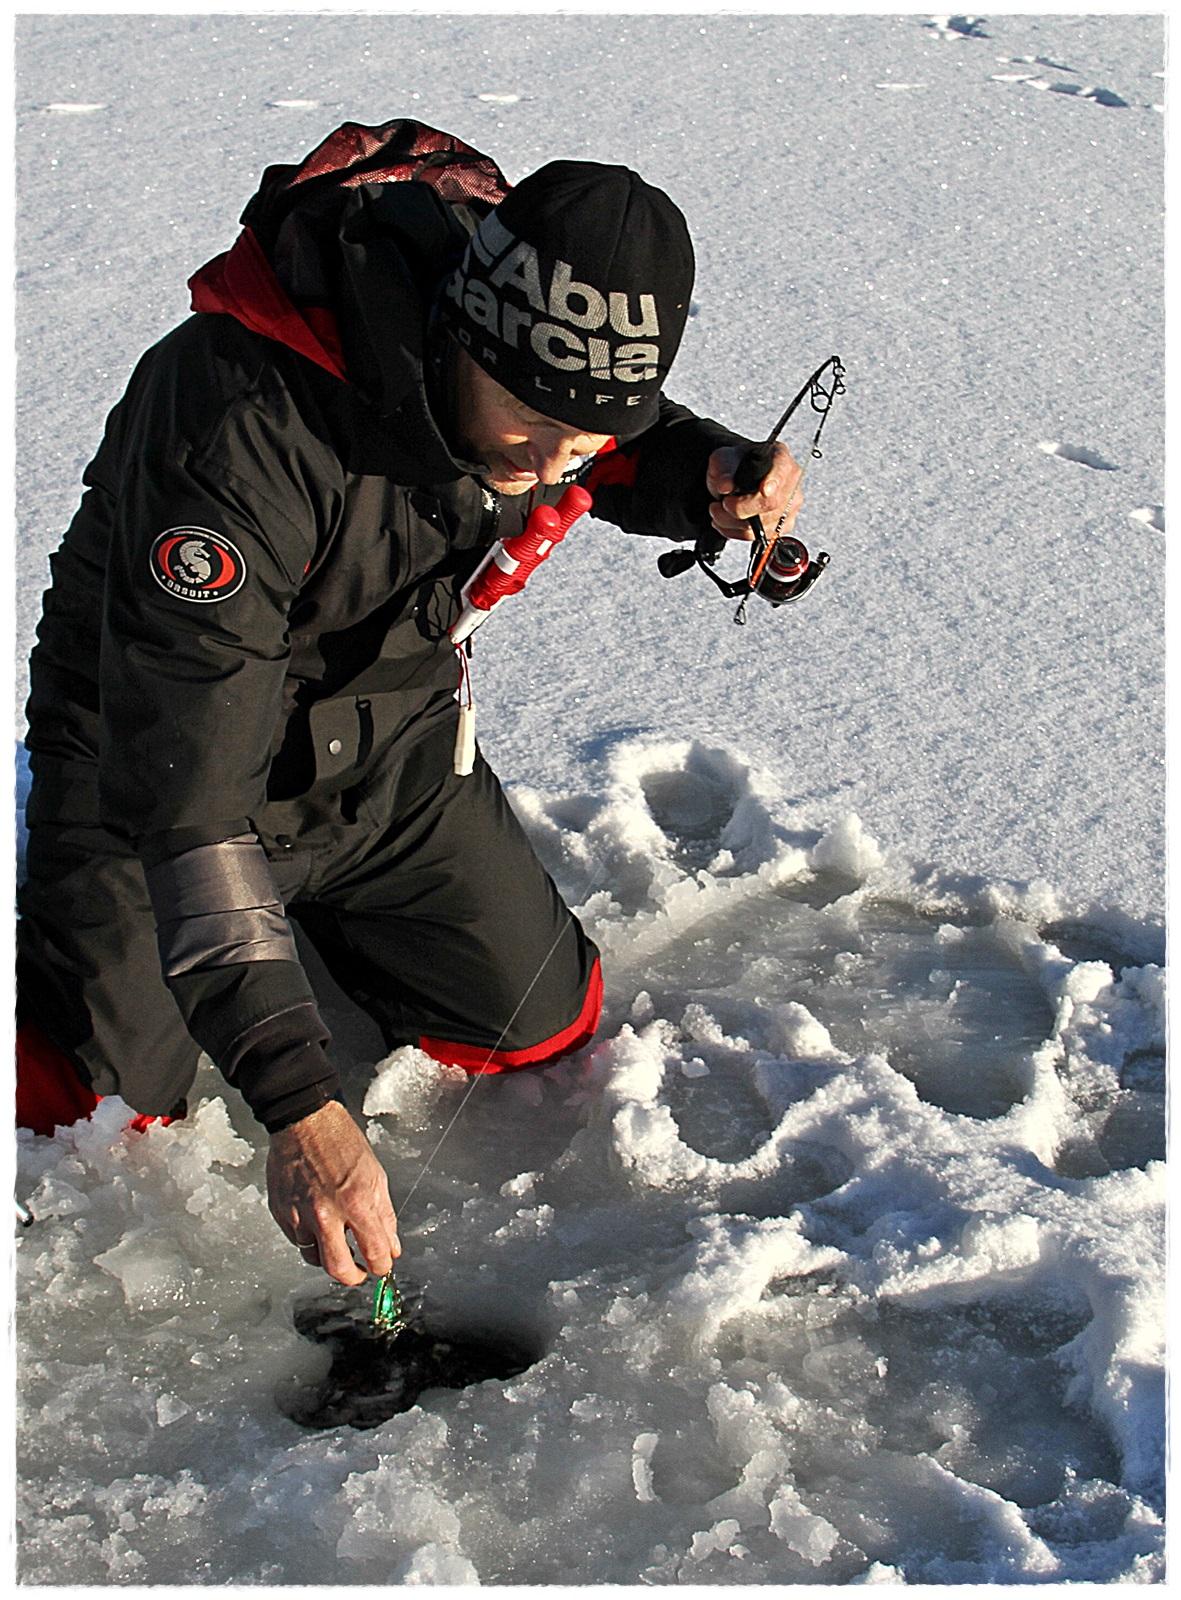 generelt er et lite haspel utstyr lettere å håndtere på isen